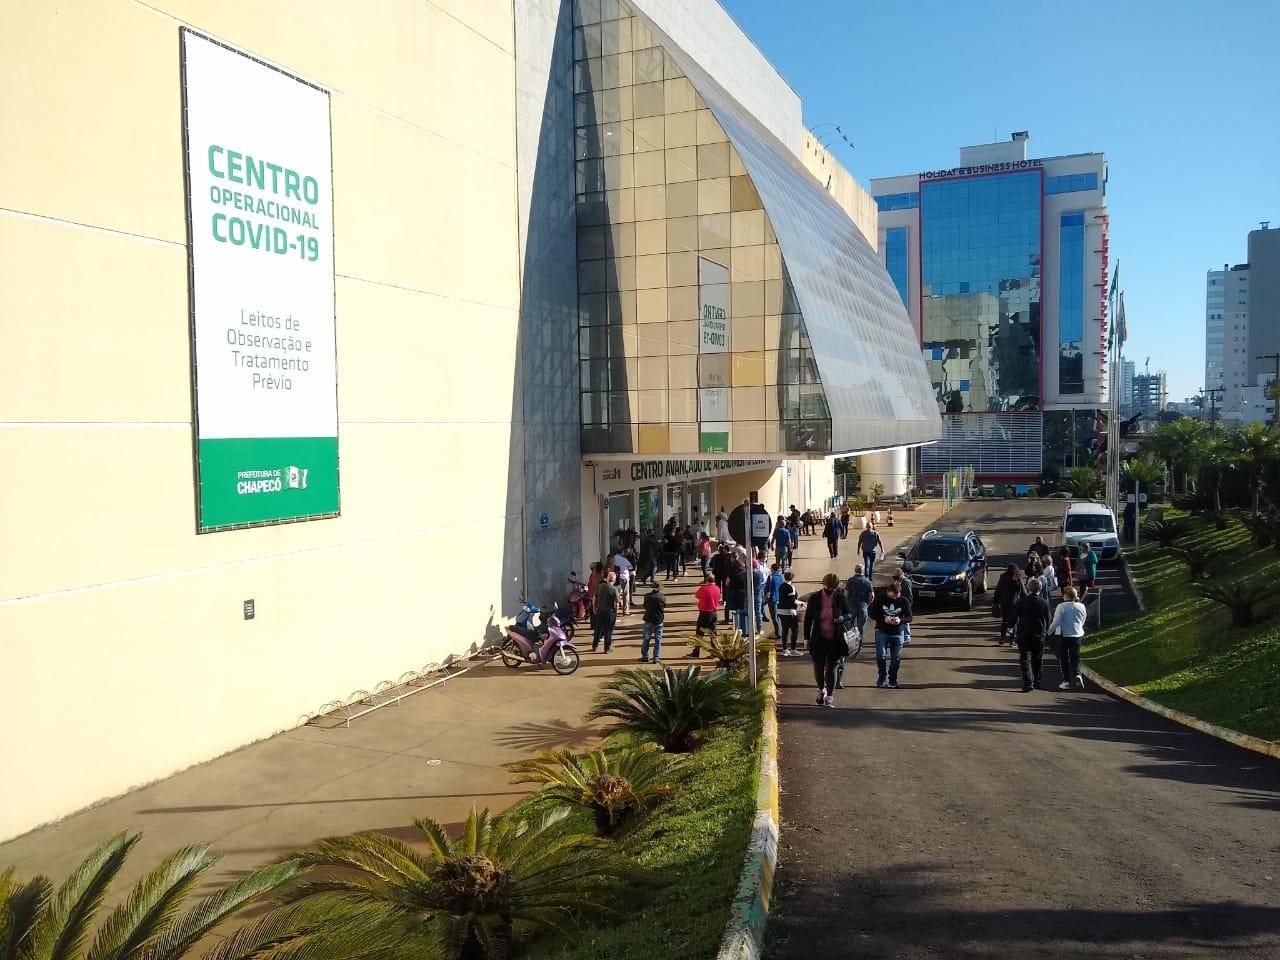 Na parte externa do Centro de Evento, fila se formou para receber a vacina contra a Covid - Carolina Debiasi/ND